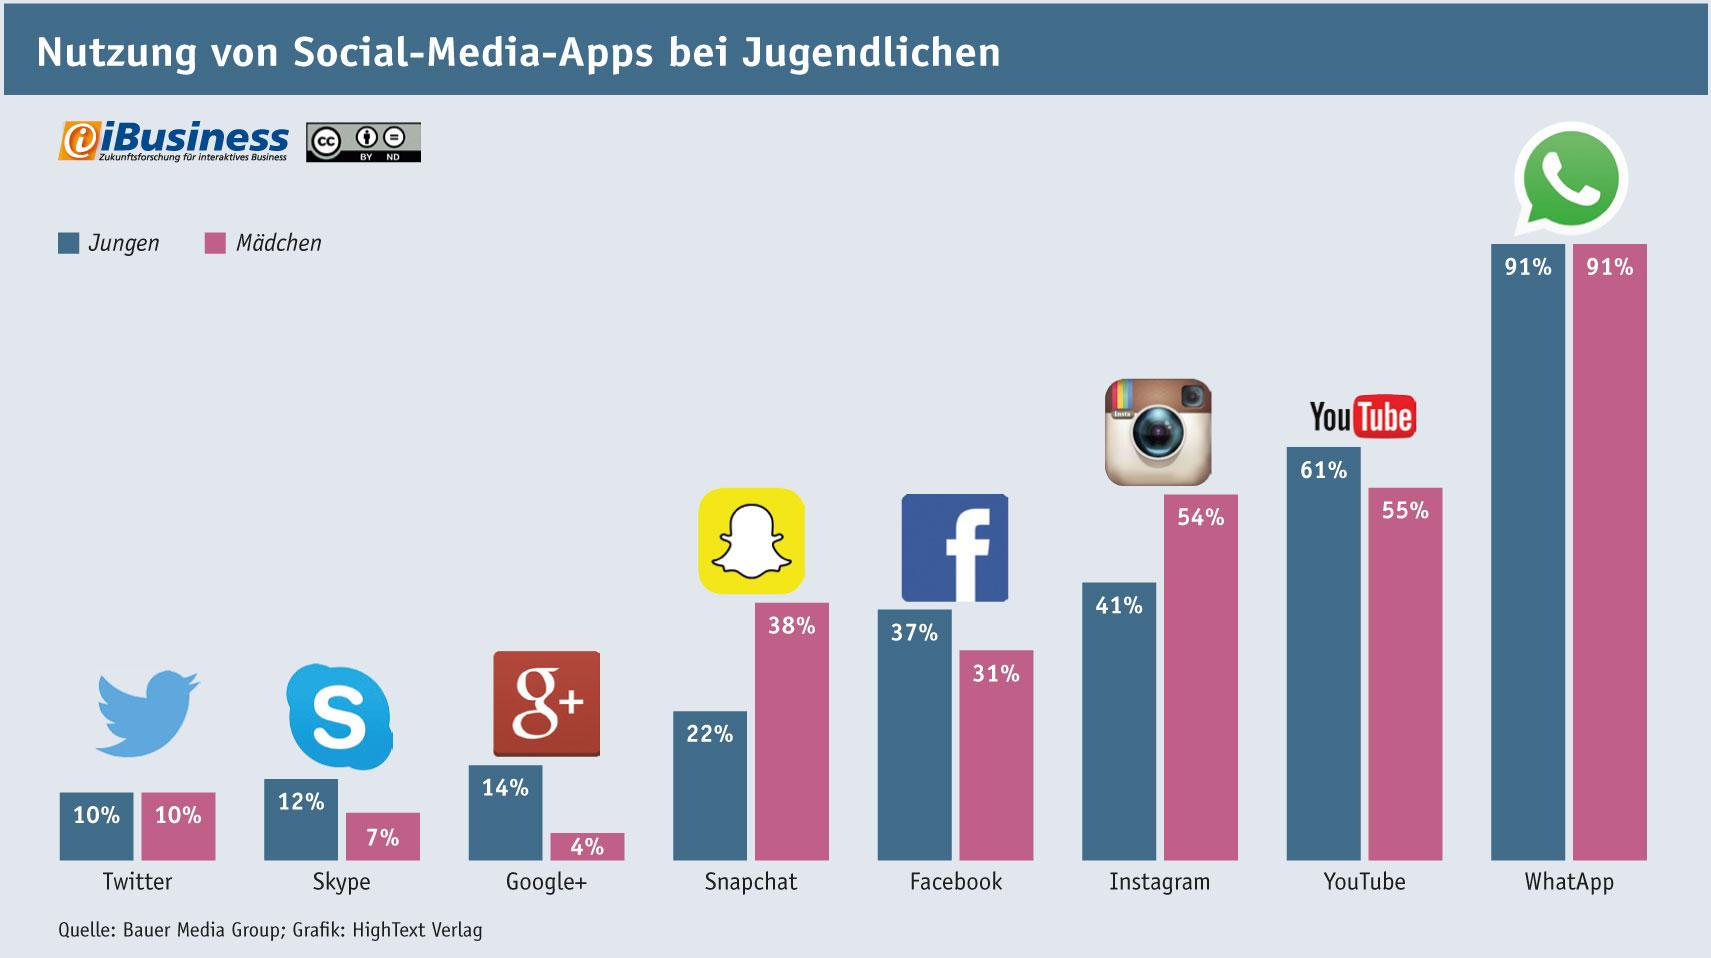 Infografik: Nutzung von Social-Media-Apps bei deutschen Jugendlichen nach Geschlecht